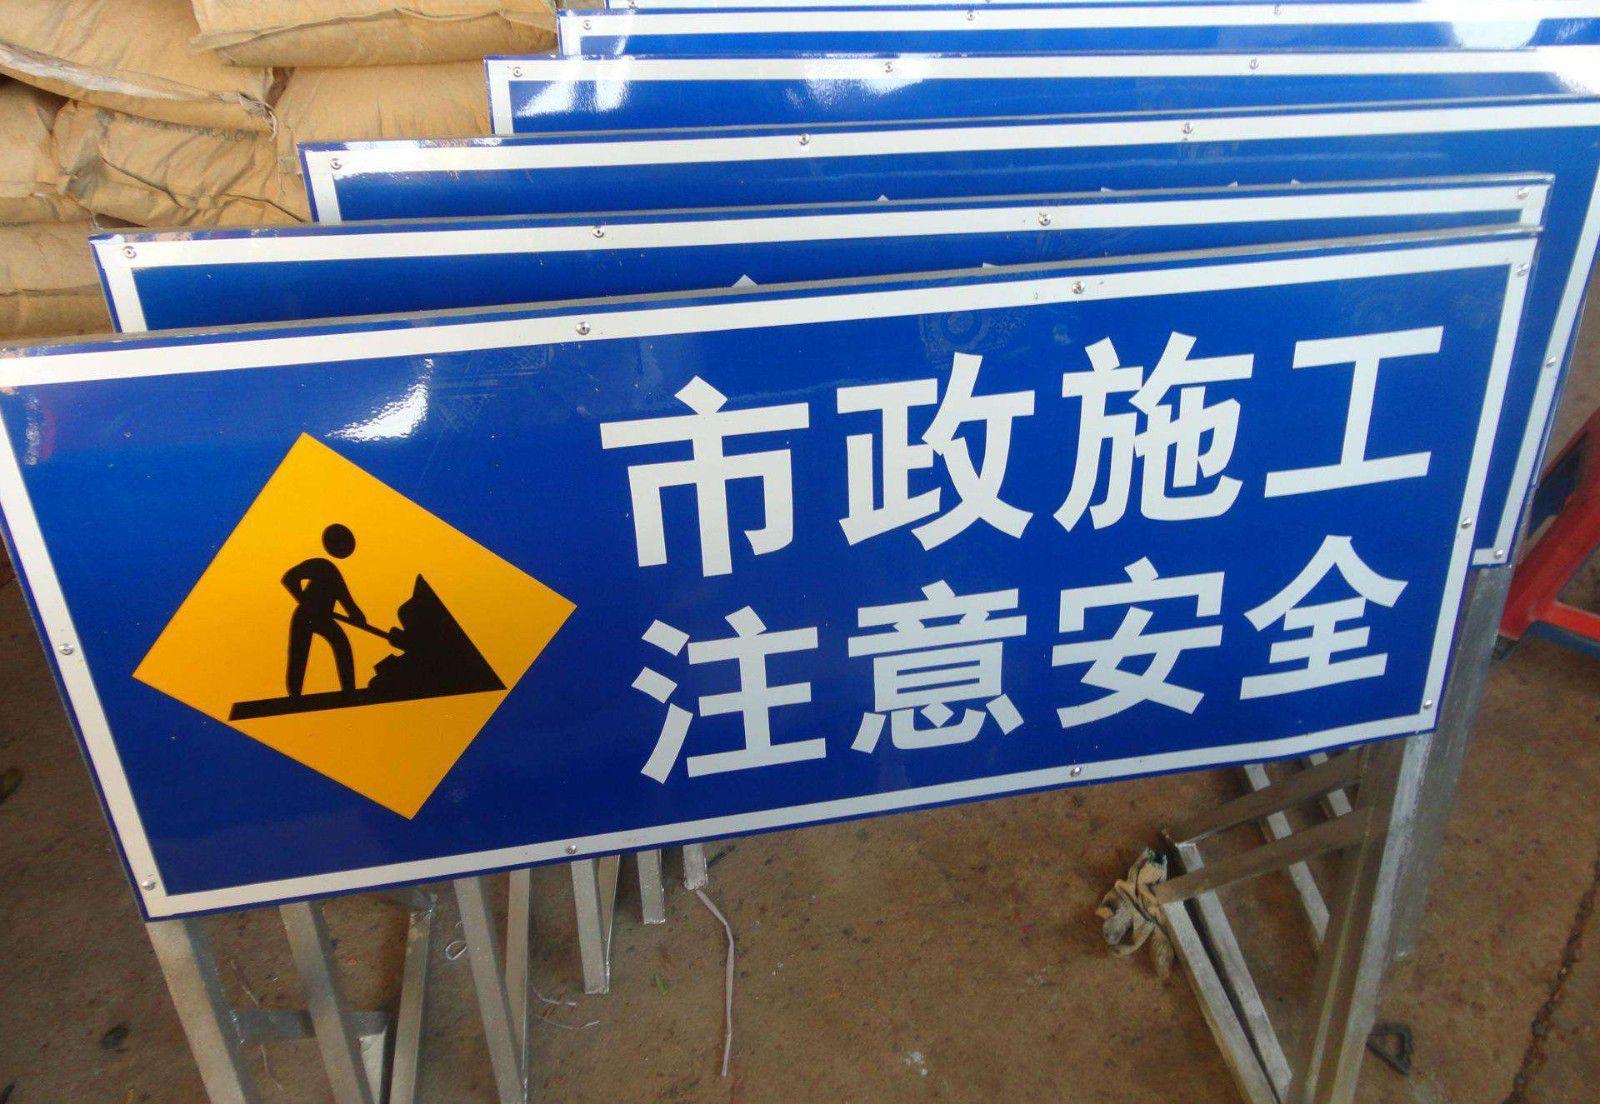 福鼎铁路标志牌真诚服务